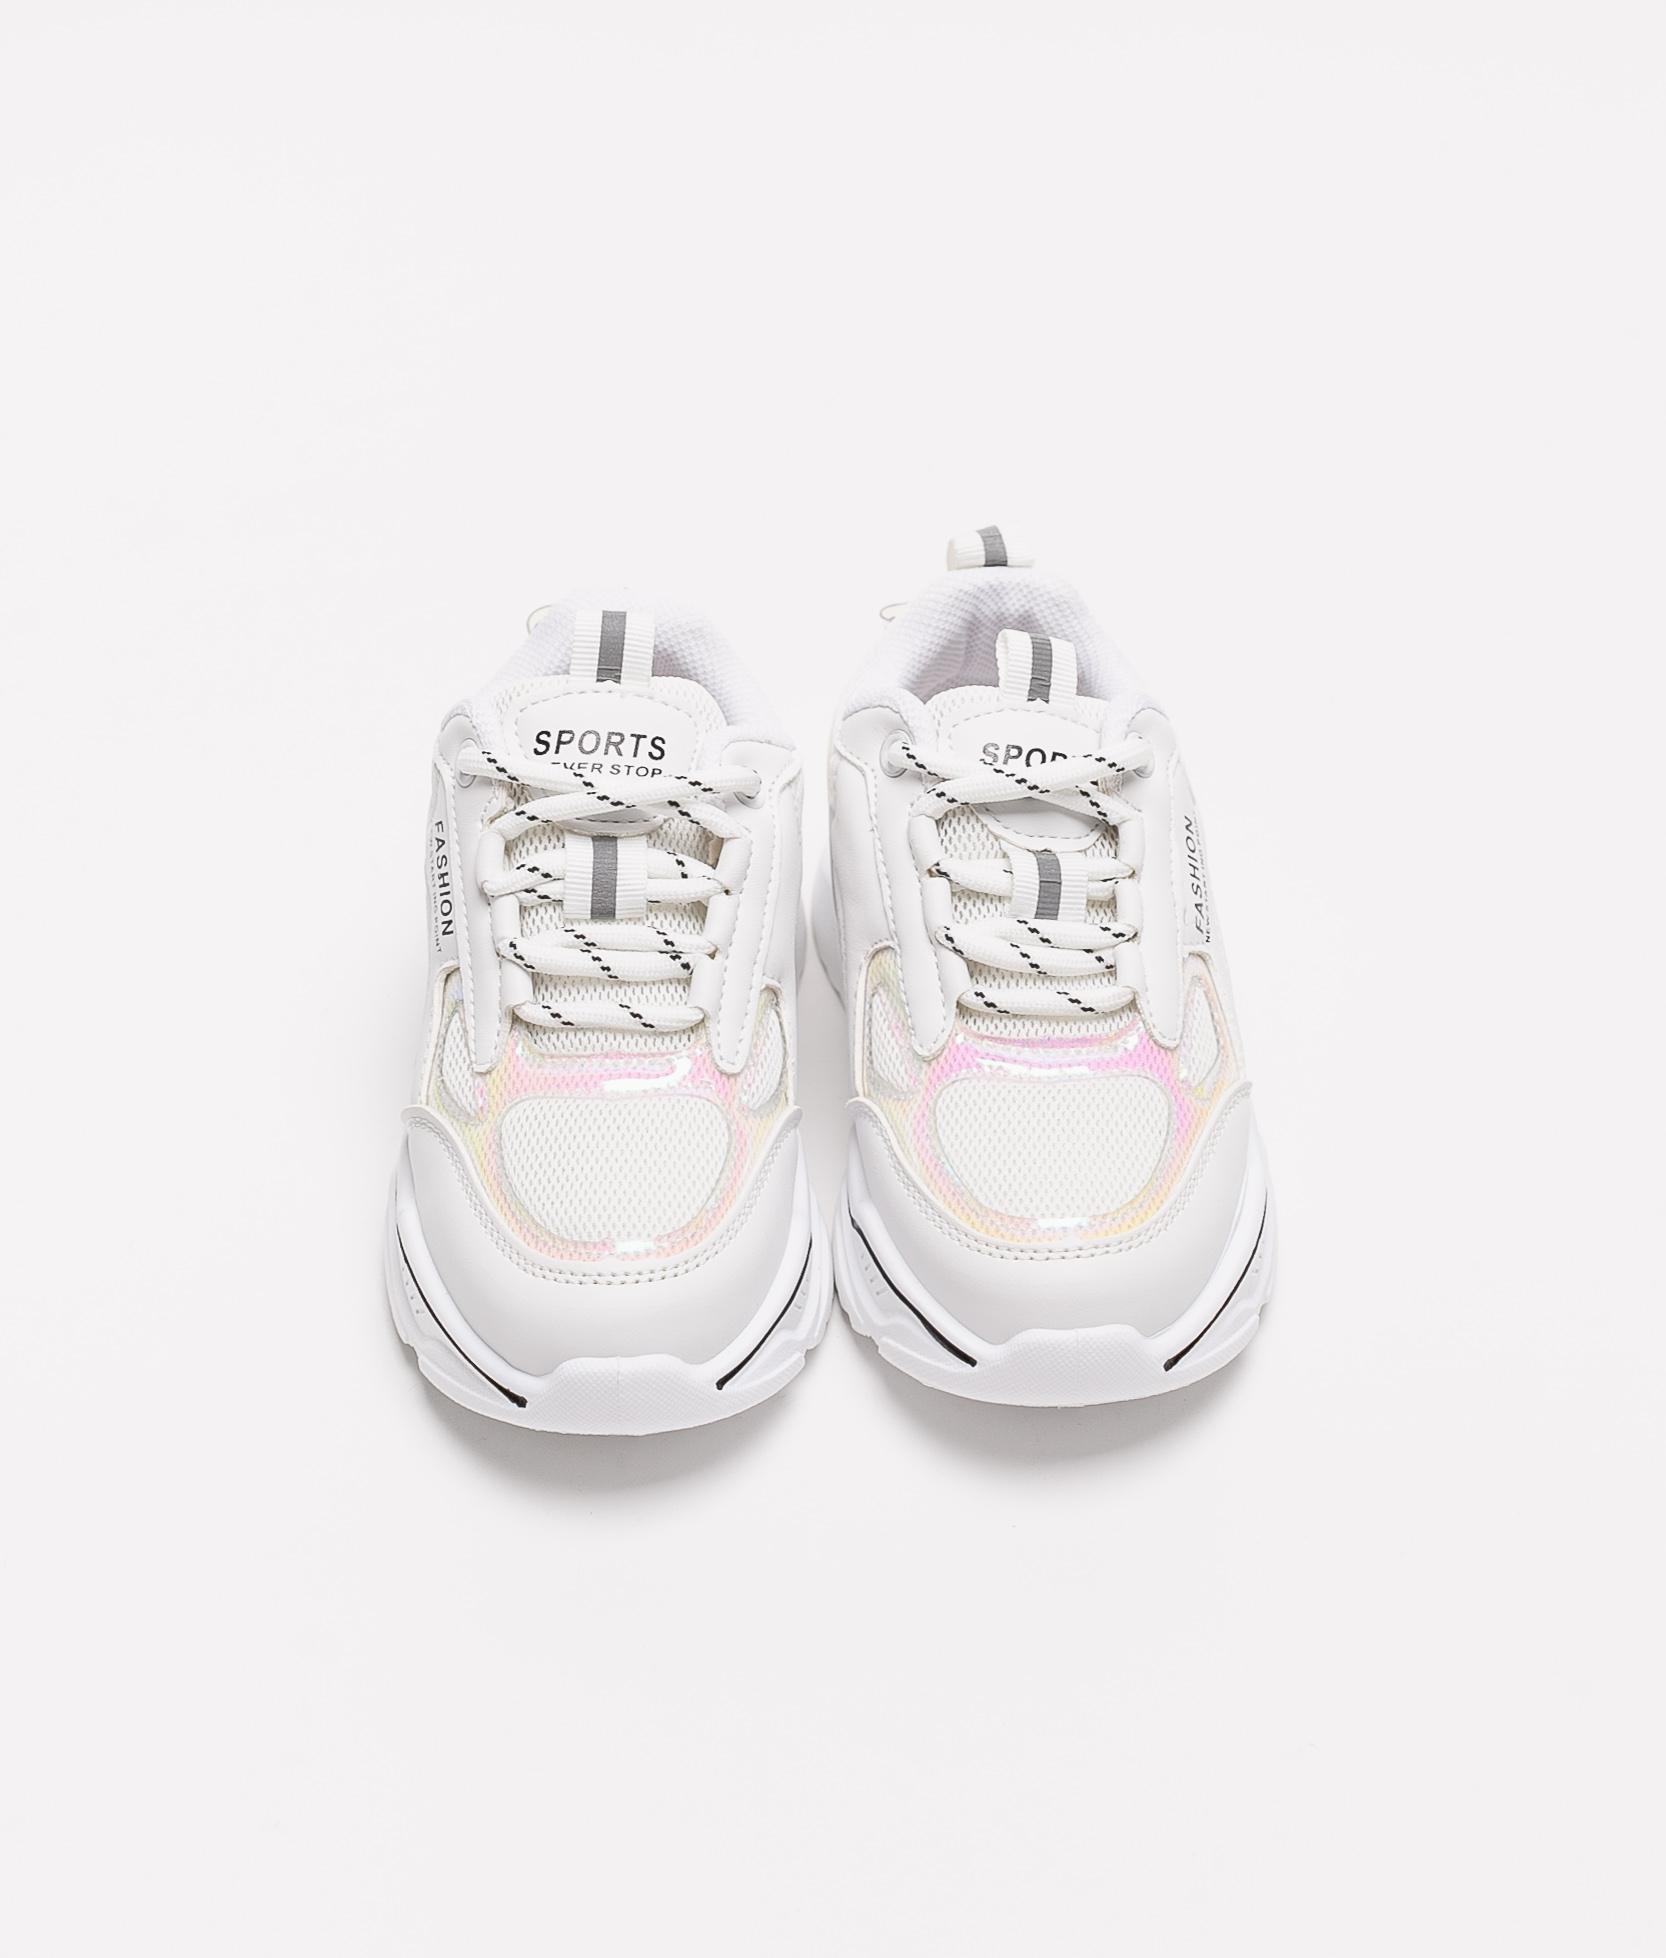 SNEAKERS PANDI - WHITE